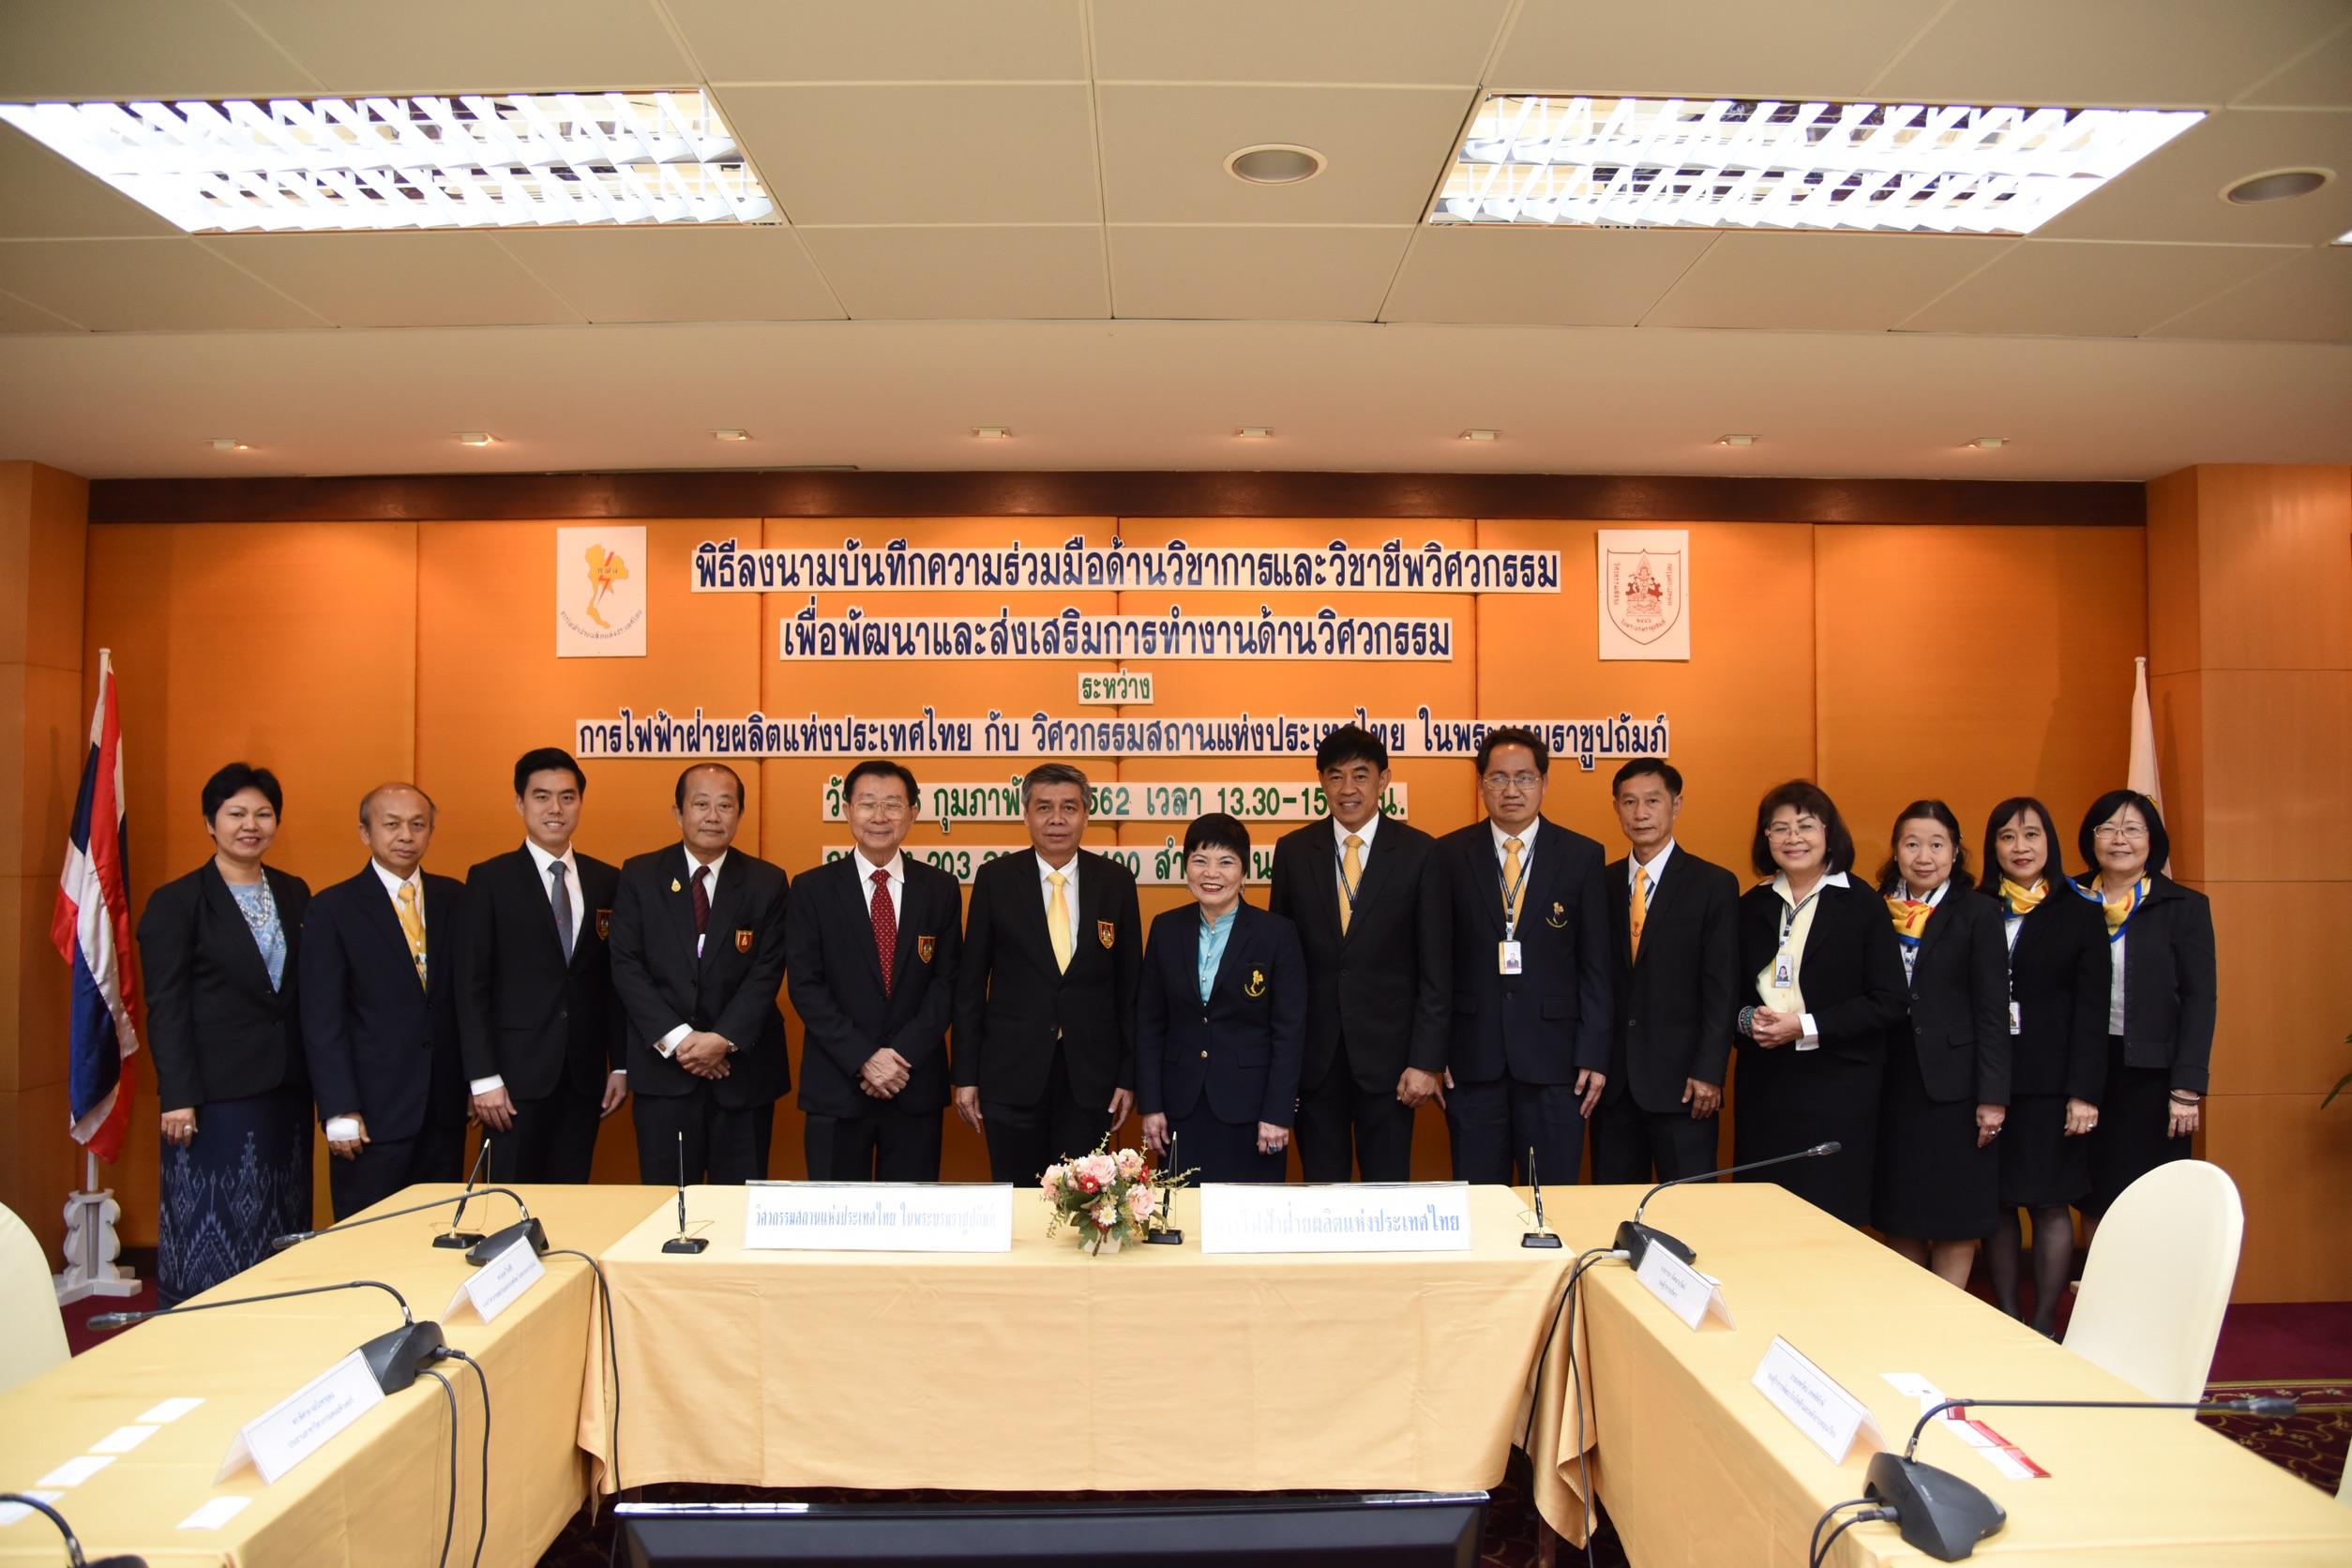 ดร.ธเนศ วีระศิริ นายกวิศวกรรมสถานแห่งประเทศไทยฯ ลงนามในบันทึกความร่วมมือด้านวิชาการและวิชาชีพวิศวกรรมเพื่อพัฒนาและส่ง เสริมการทำงานด้านวิศวกรรม